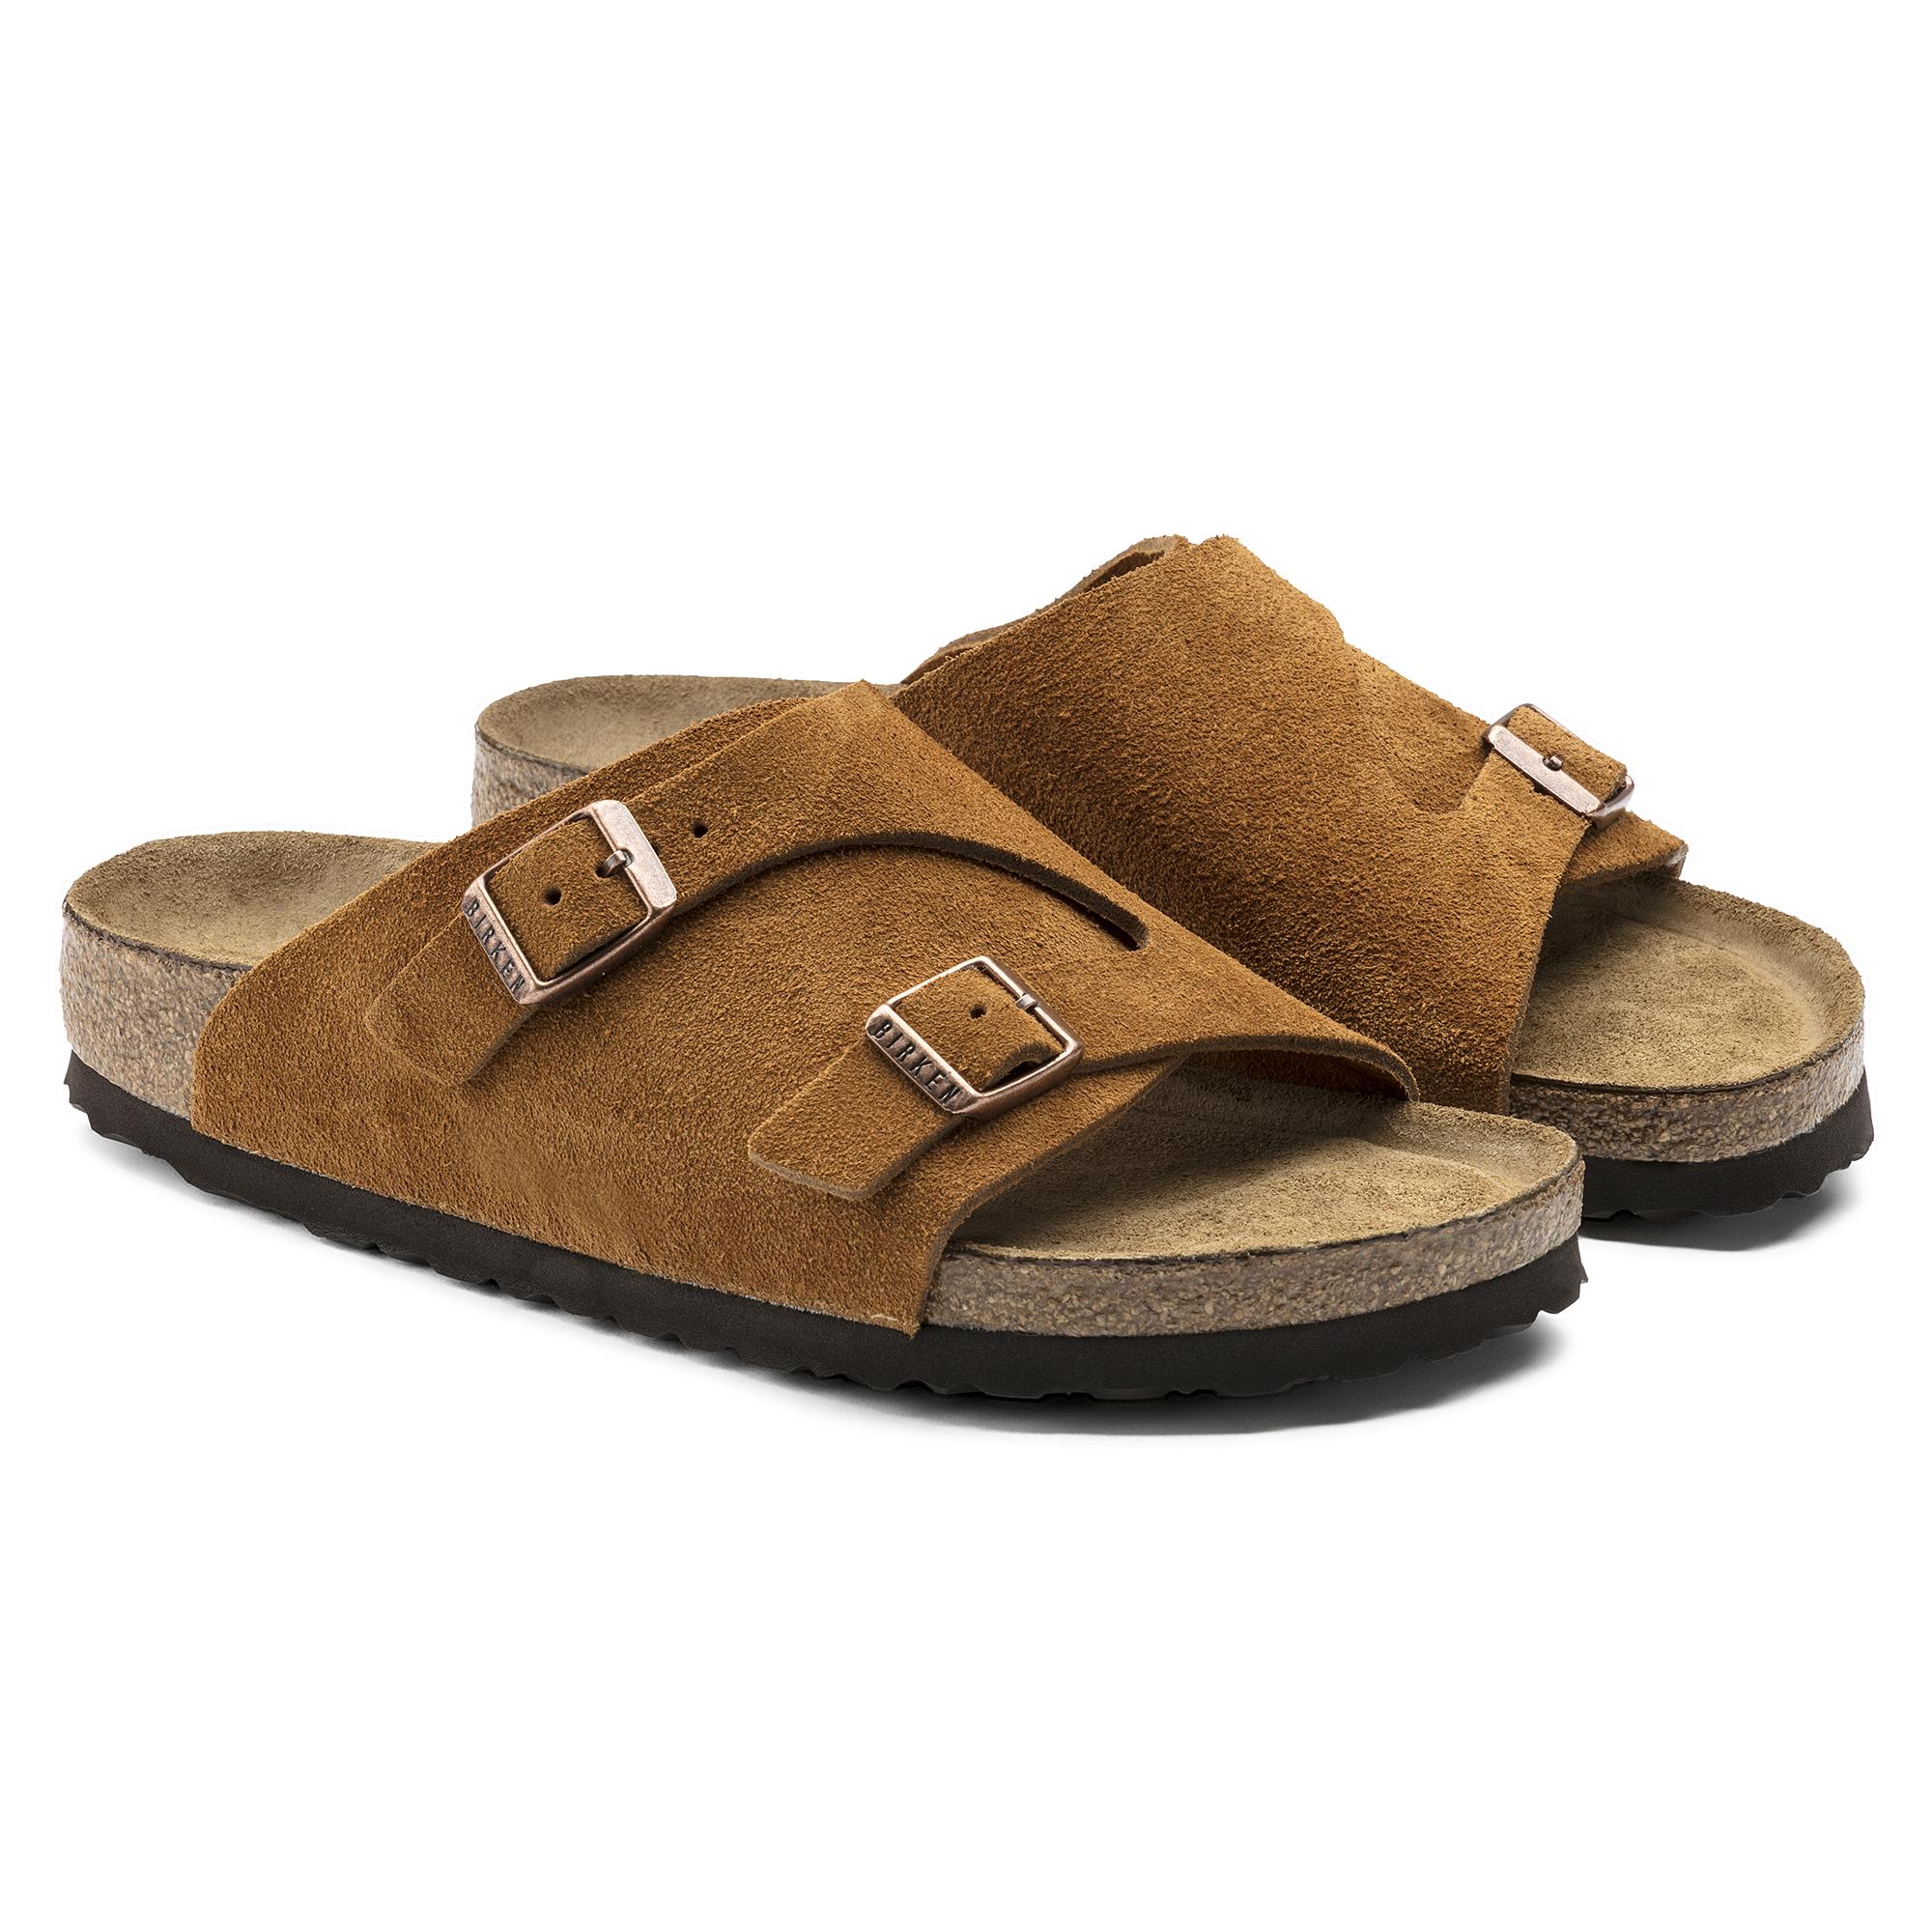 Birkenstock Zurich Leather Dark Orange Sandals